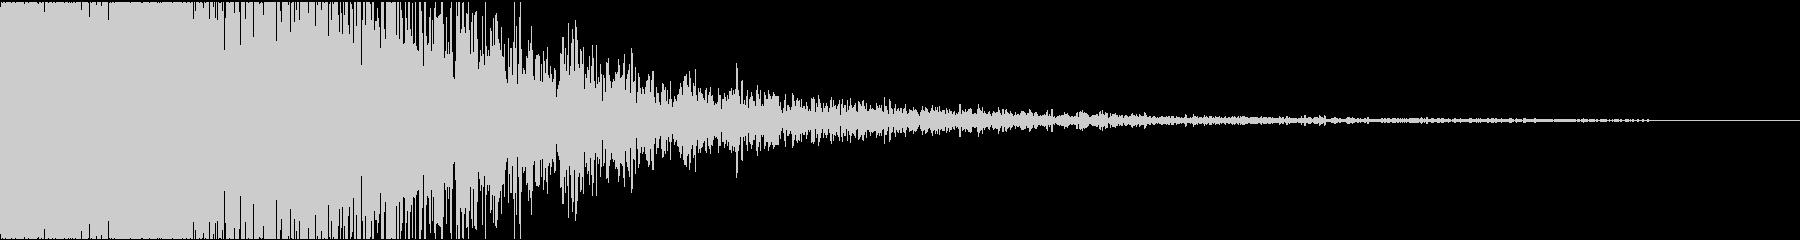 ドカーン(アタック系)の未再生の波形